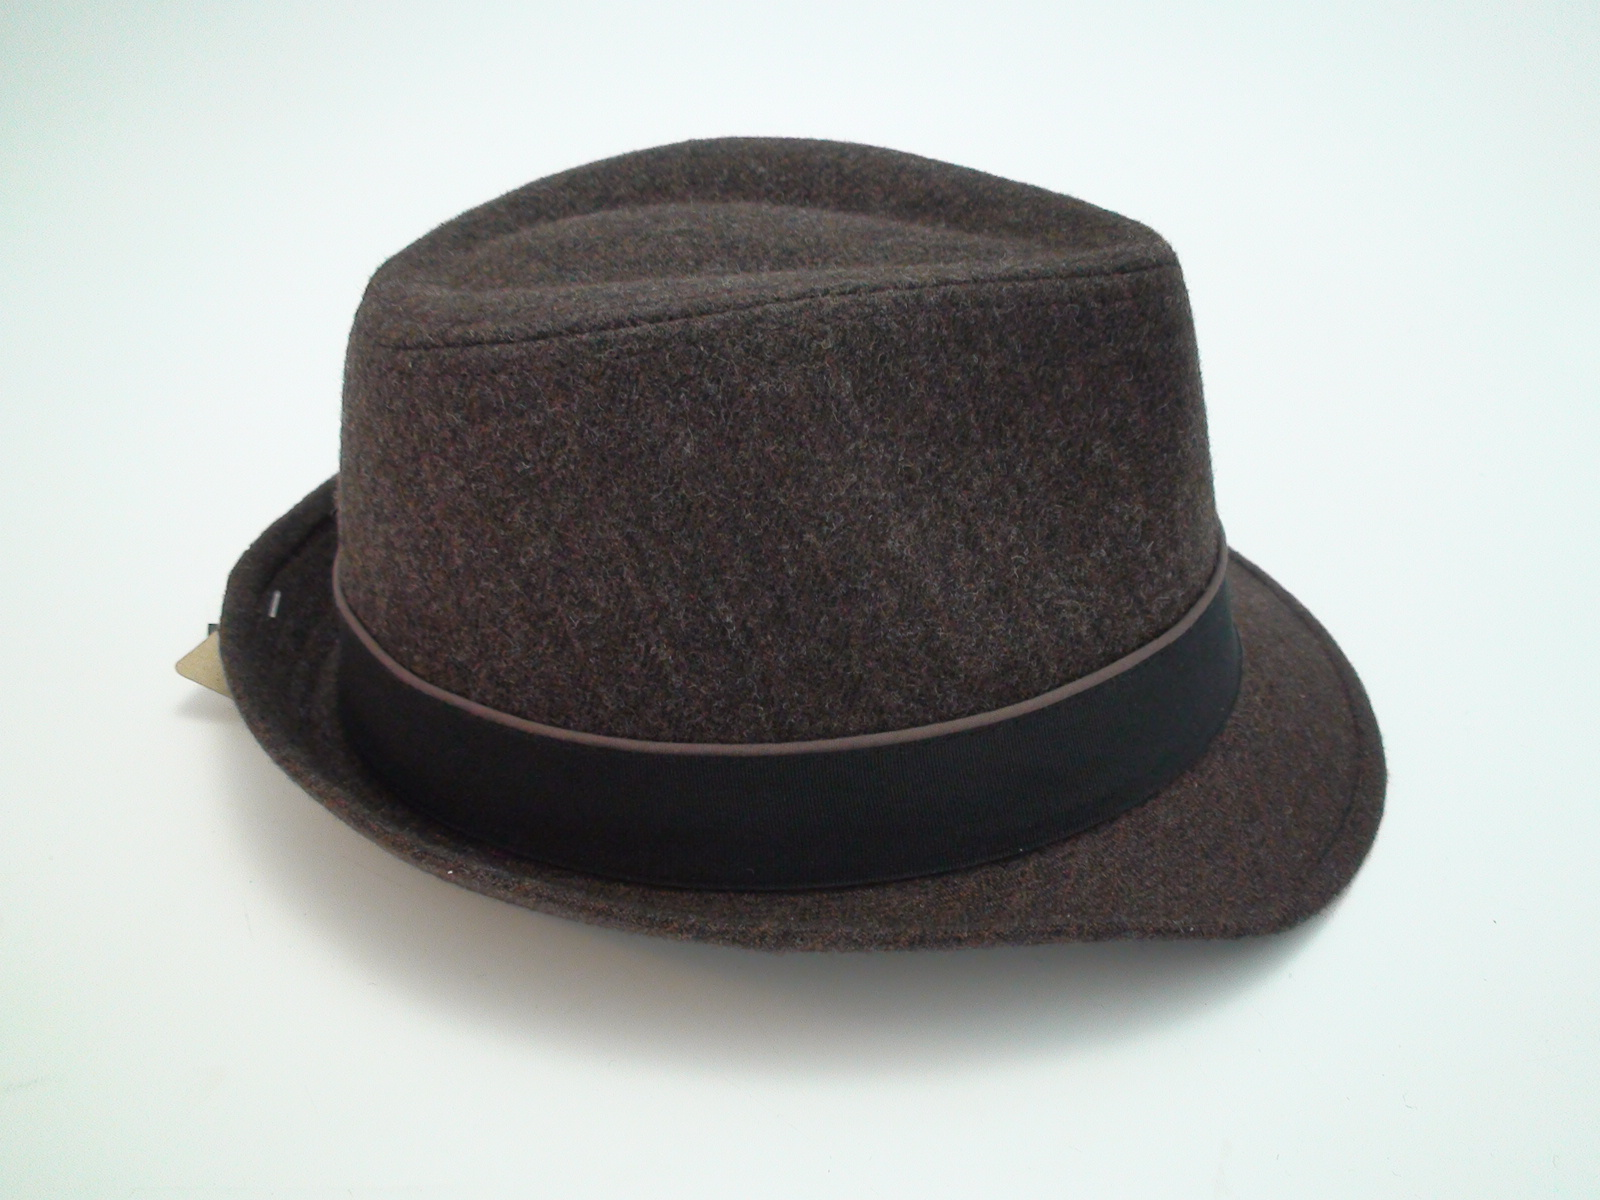 c282a8ba465dc Stetson Herringbone Fedora Brown Wool Blend Trilby Hat